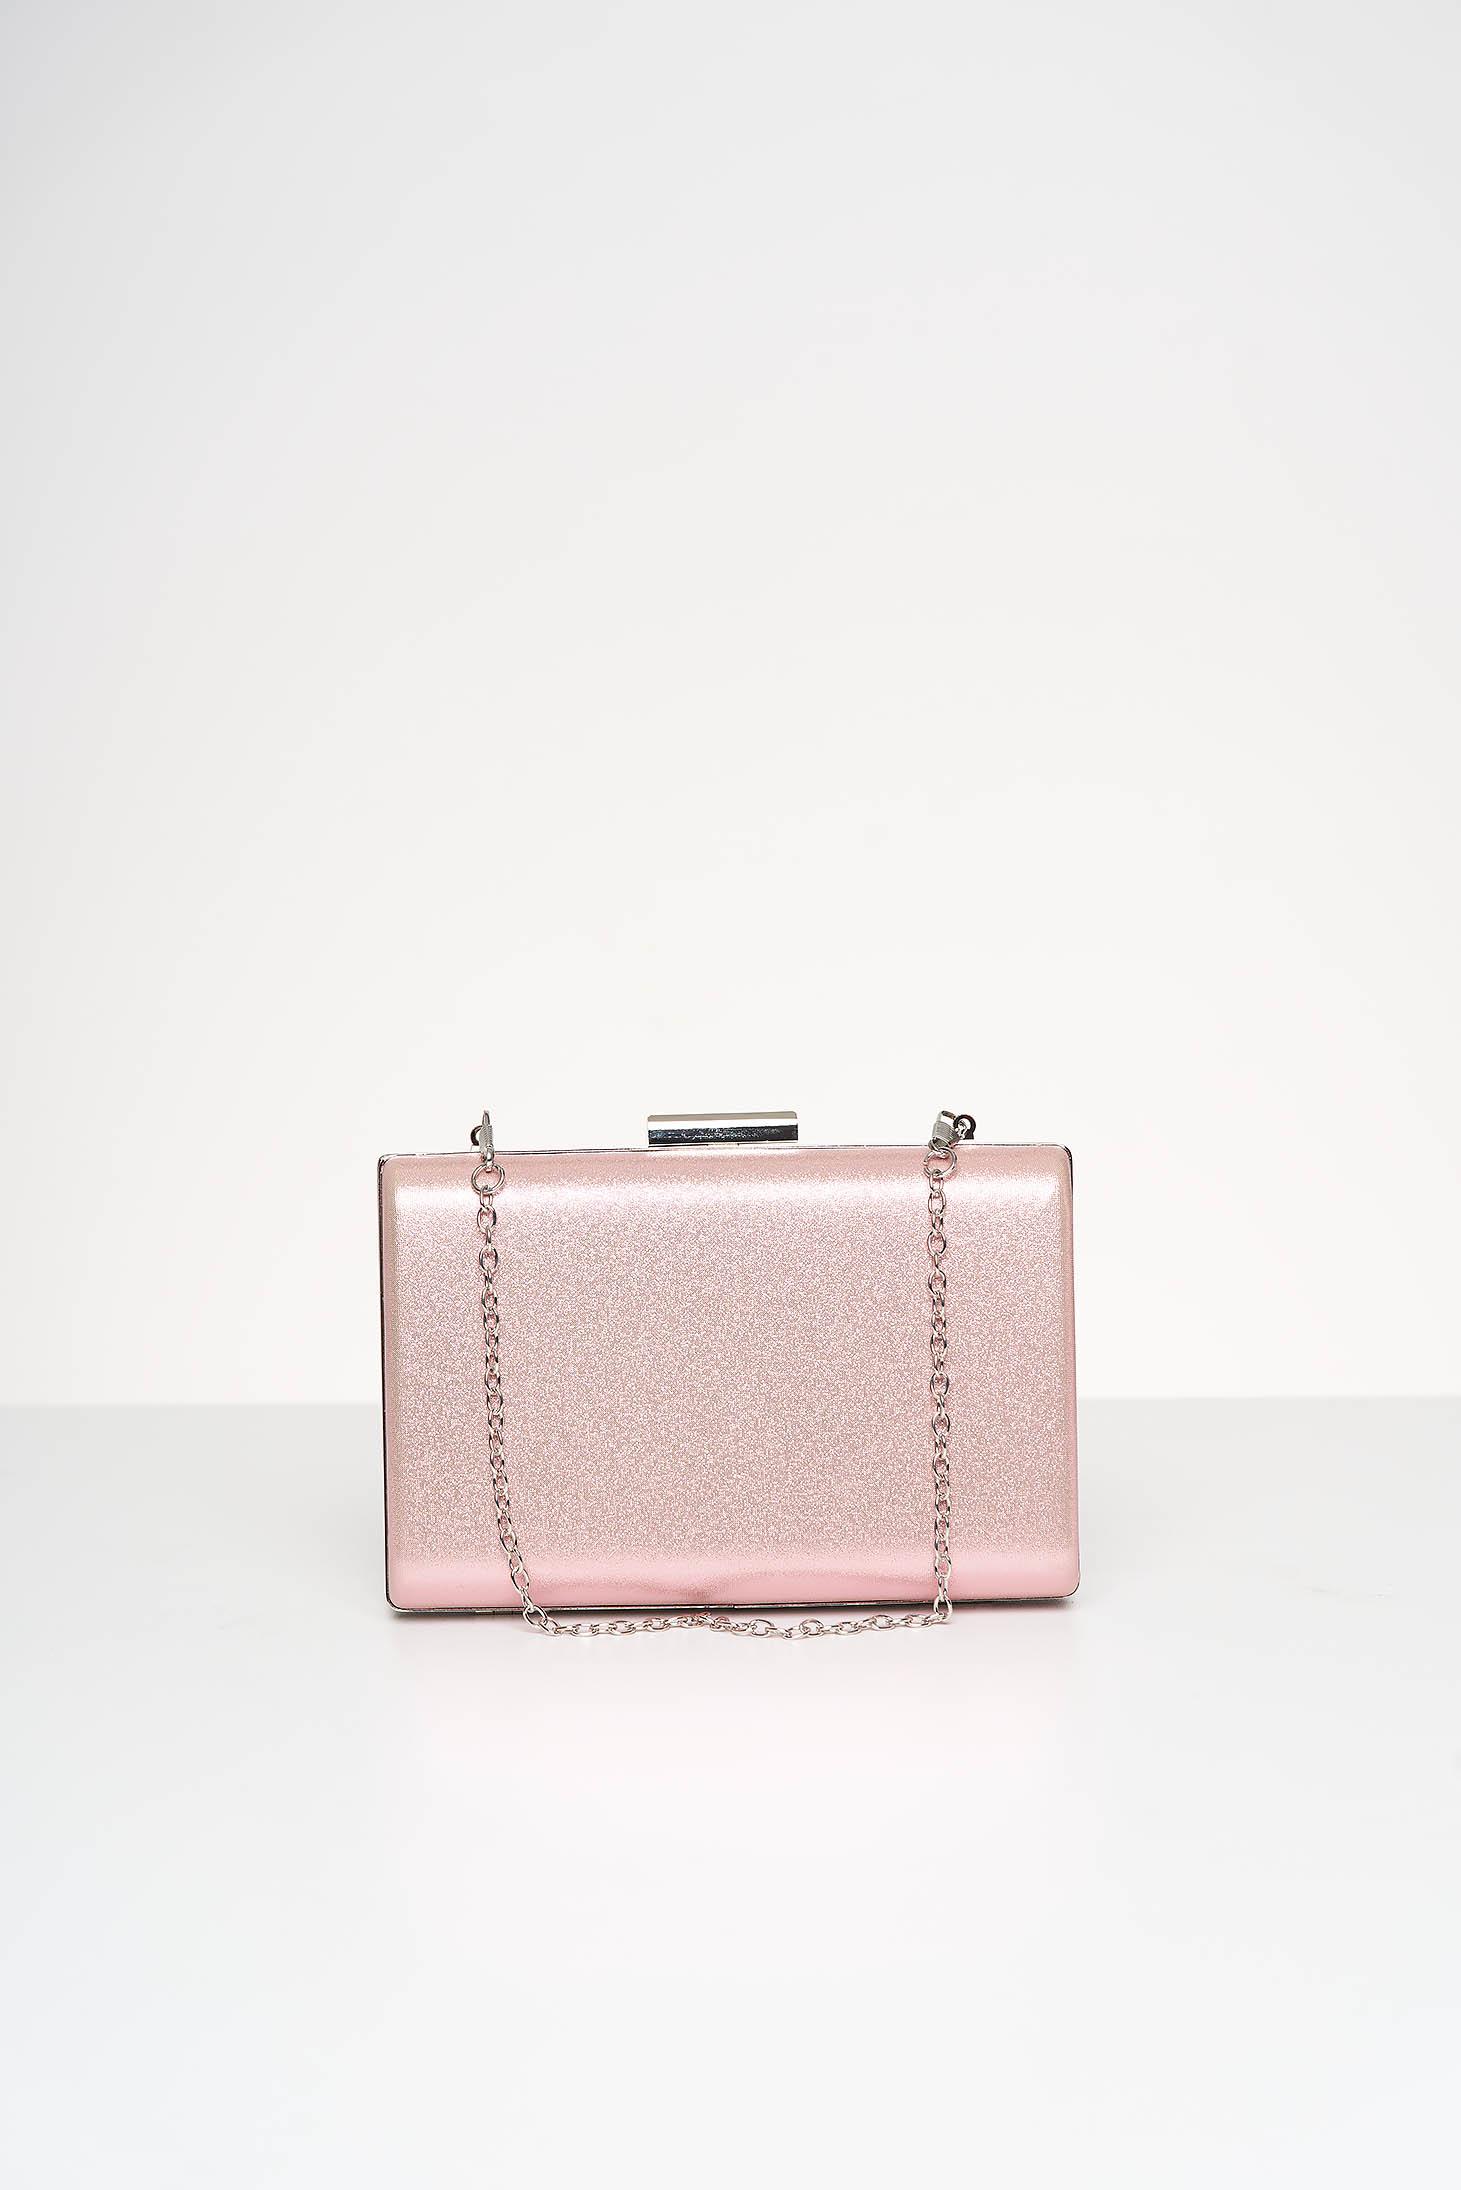 Pink táska alkalmi szatén anyagból csillogó díszítések